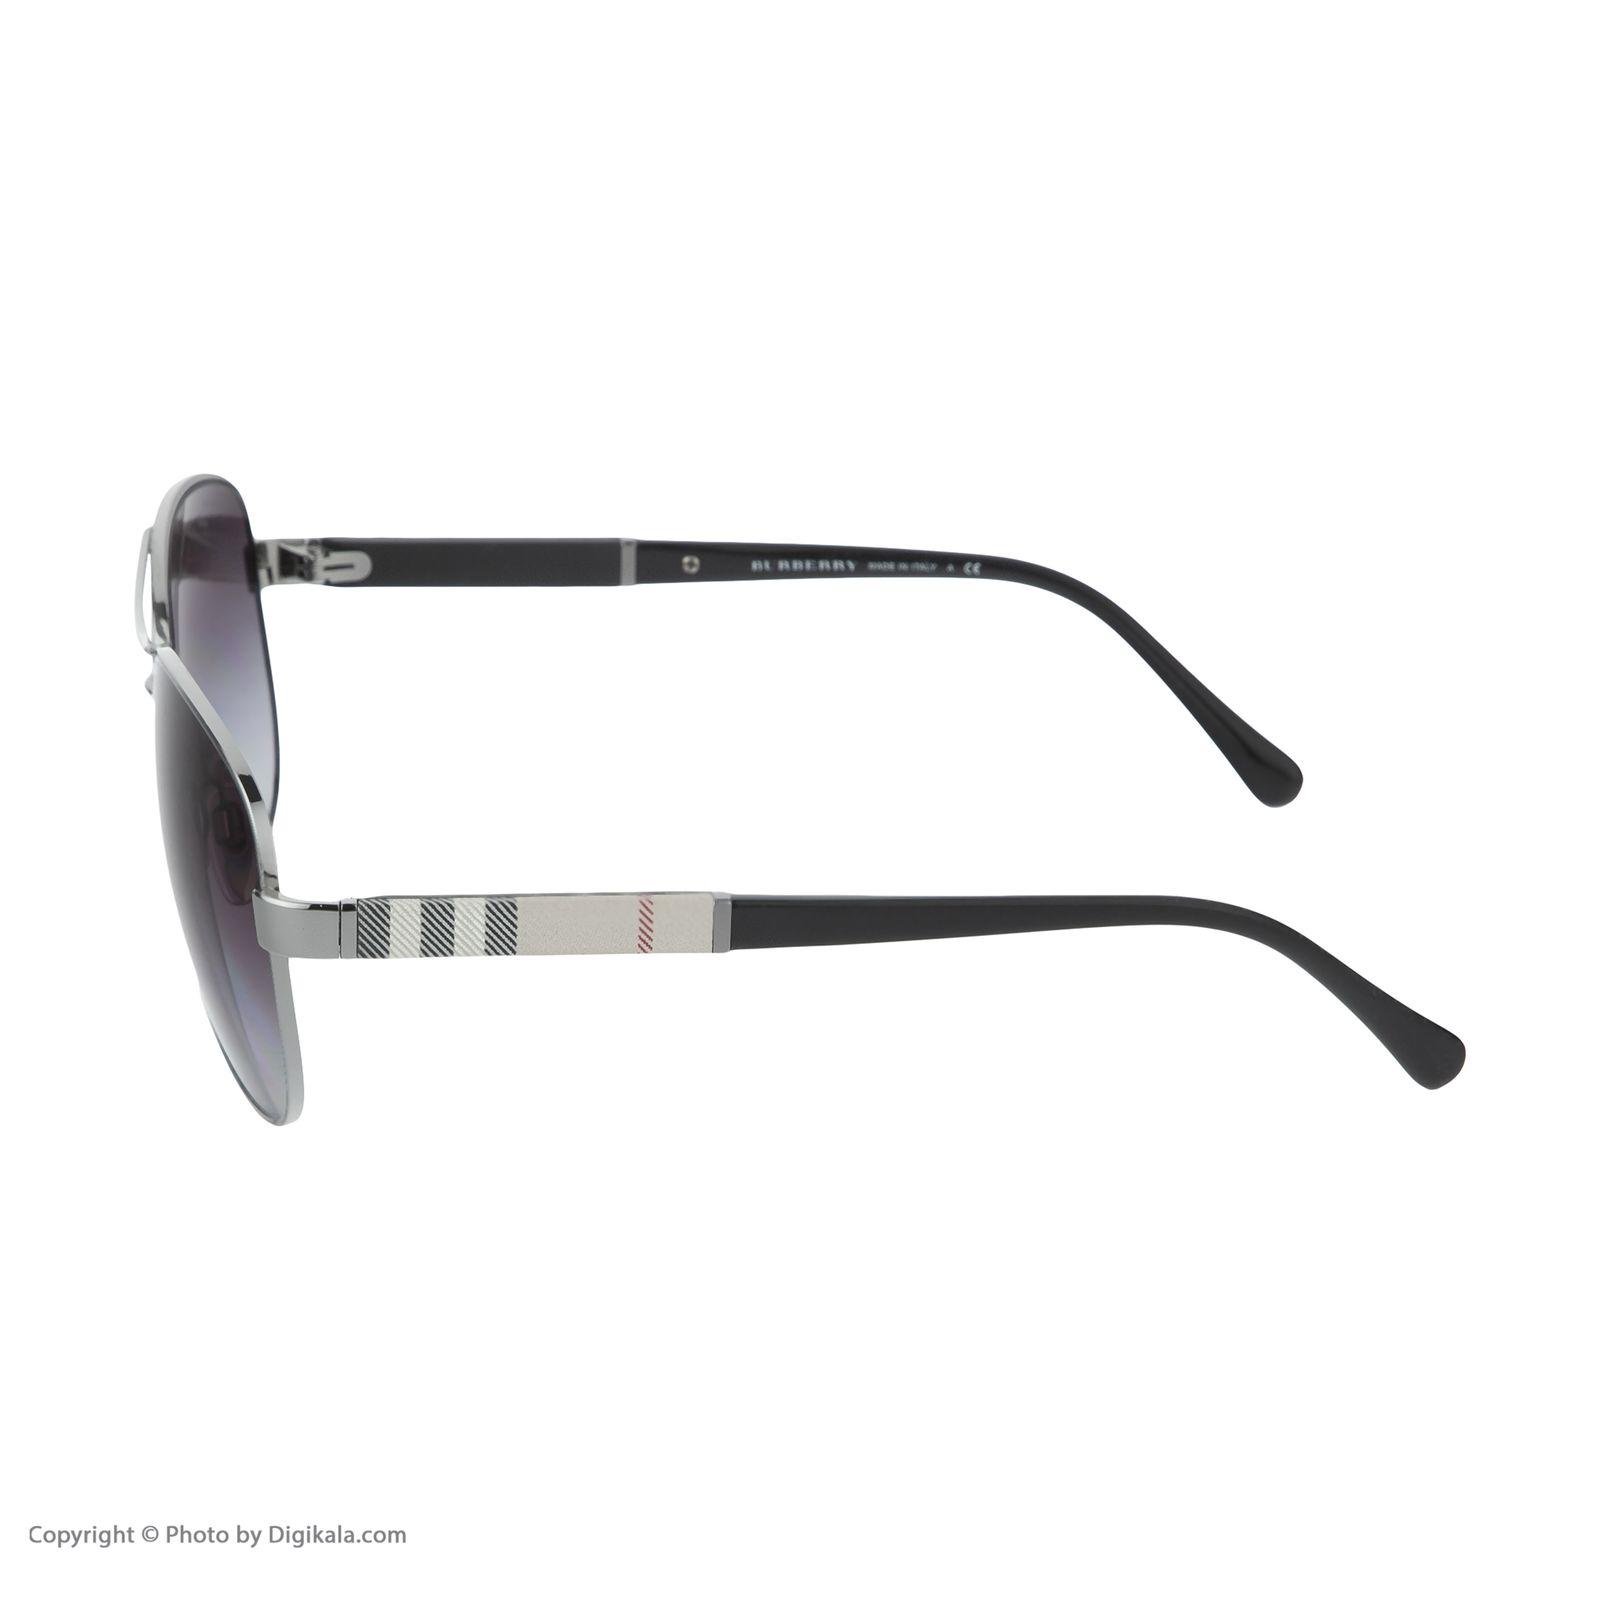 عینک آفتابی مردانه بربری مدل BE 3080S 10038G 59 -  - 6